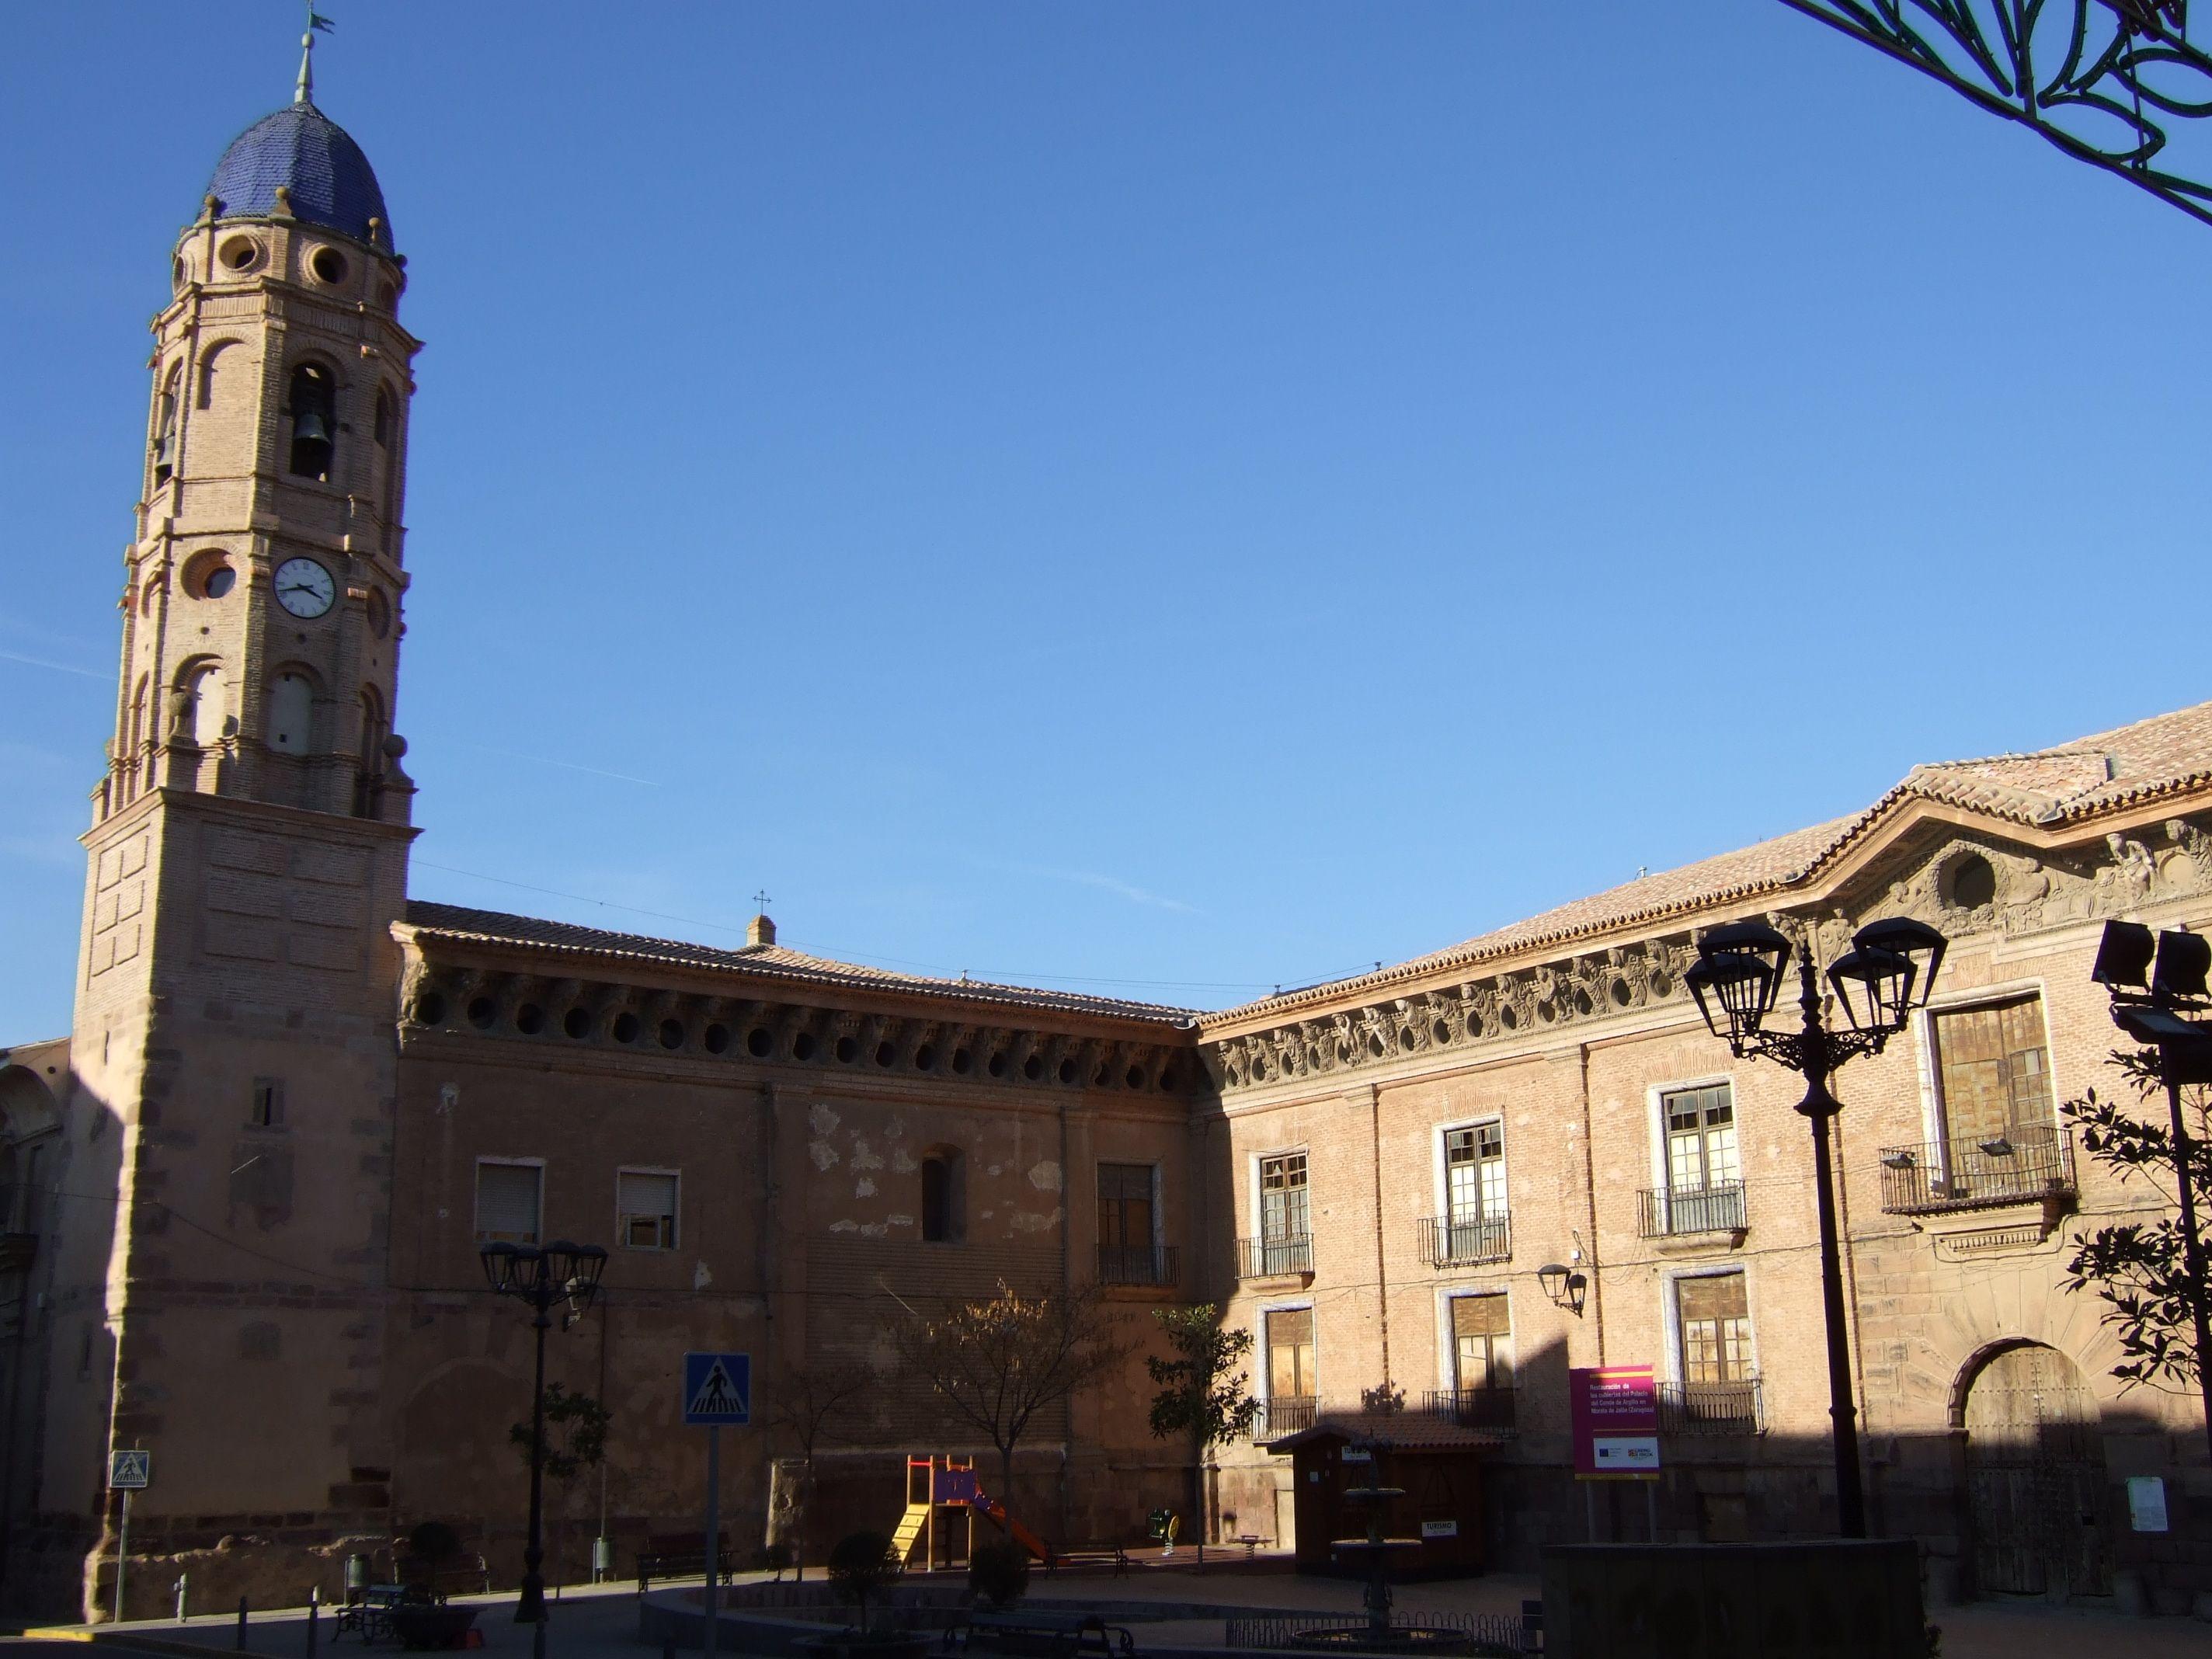 Morata de Jalón - Iglesia de Santa Ana - Palacio del conde de Morata o de los Condes de Argillo, Zaragoza